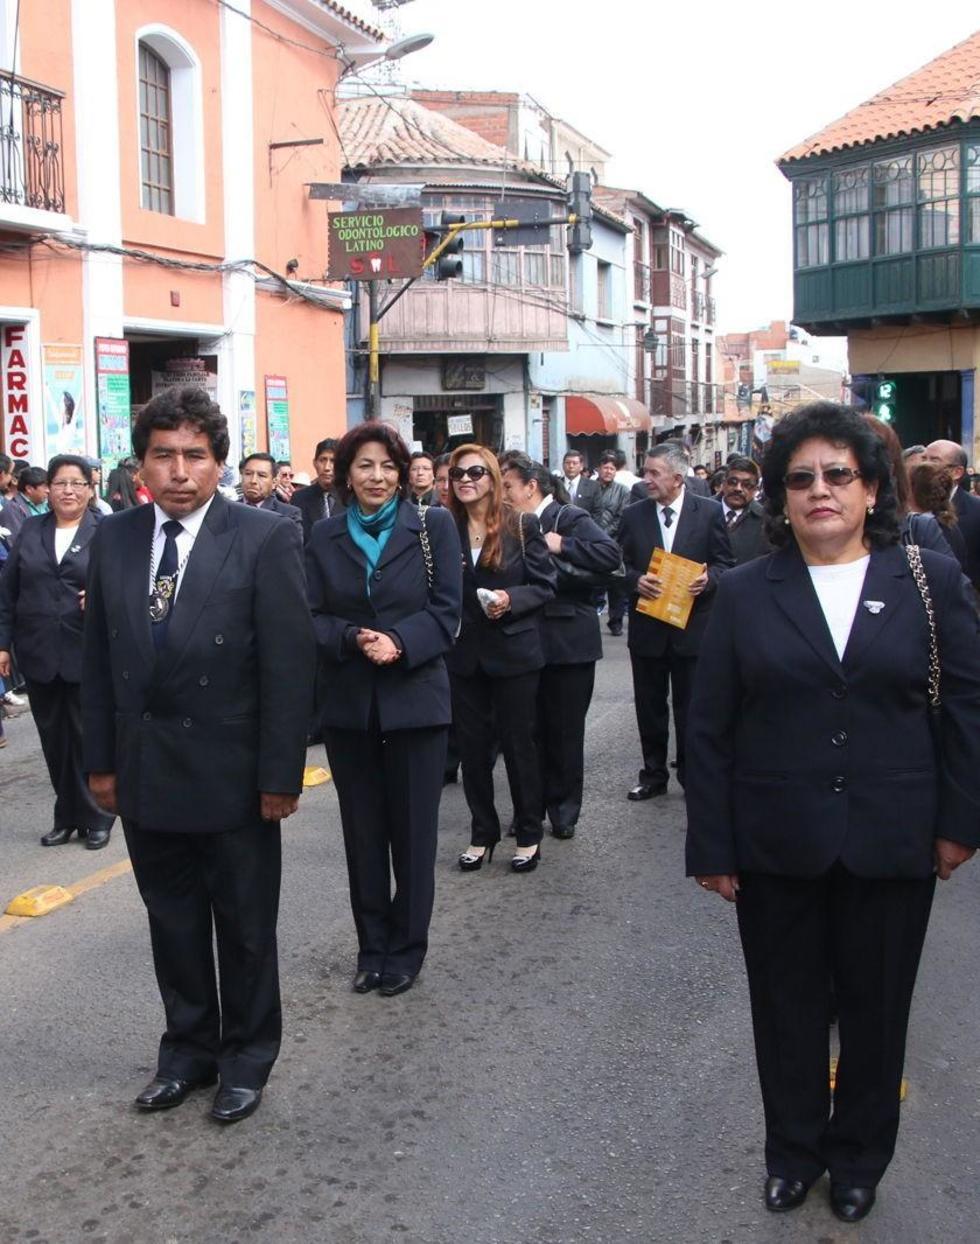 Los maestros del establecimiento en el desfile.